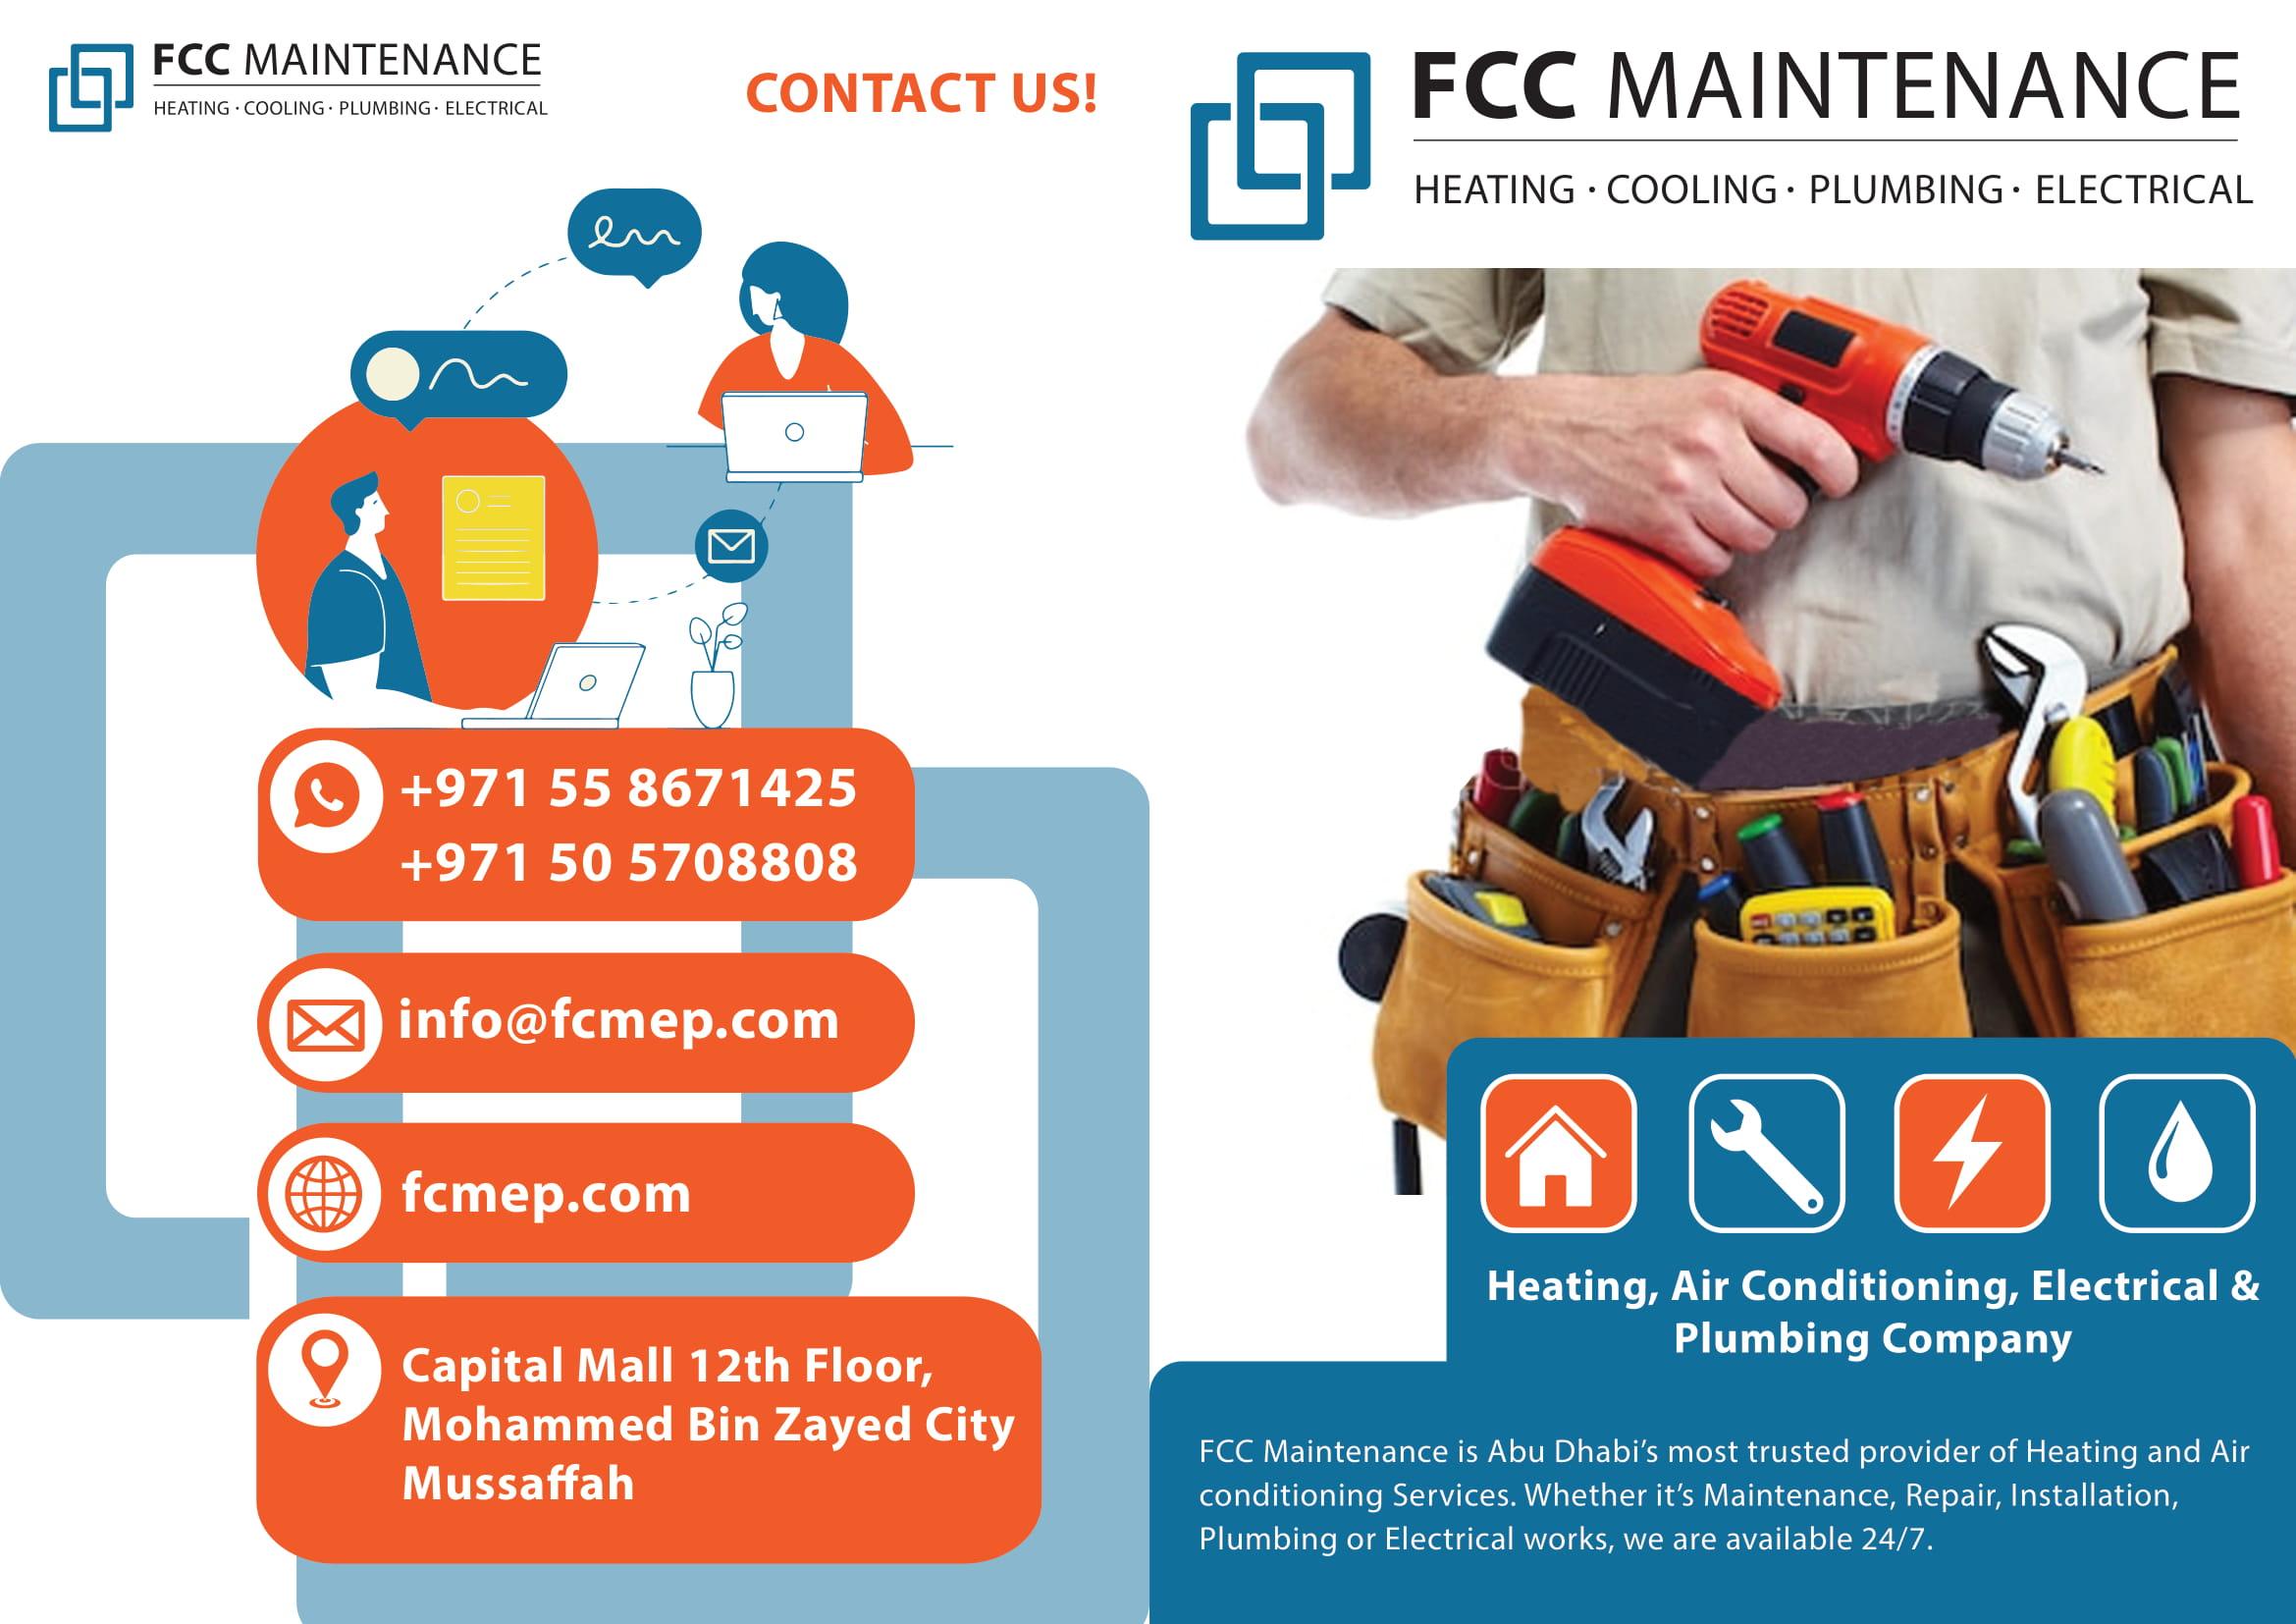 FCC Maintenance Services